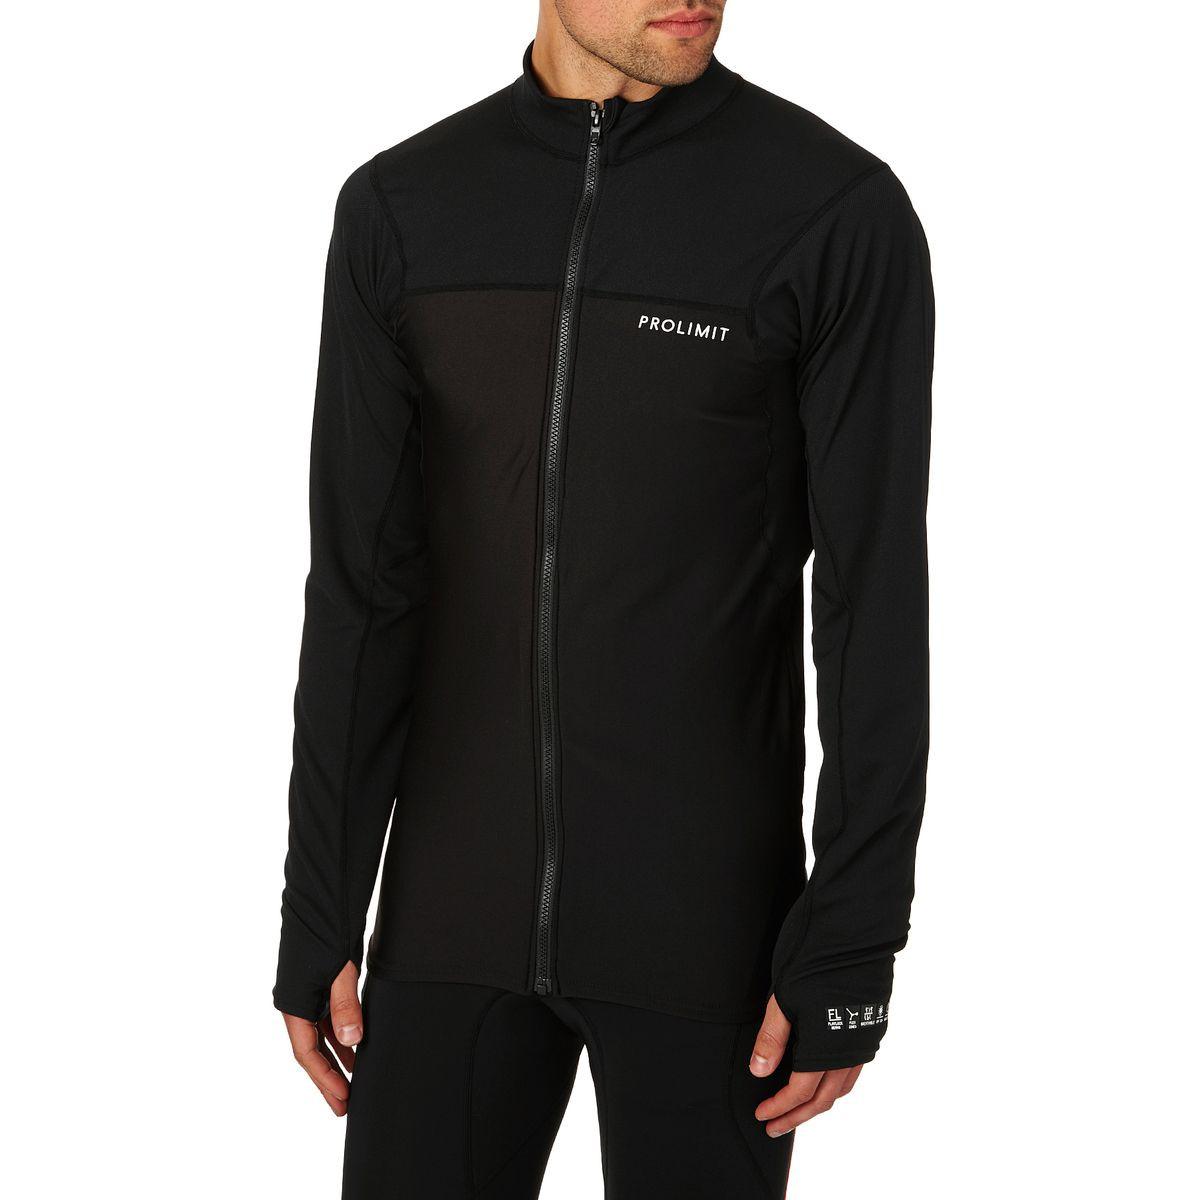 Prolimit SUP Quick Dry Wetsuit Jacket - Black/ White